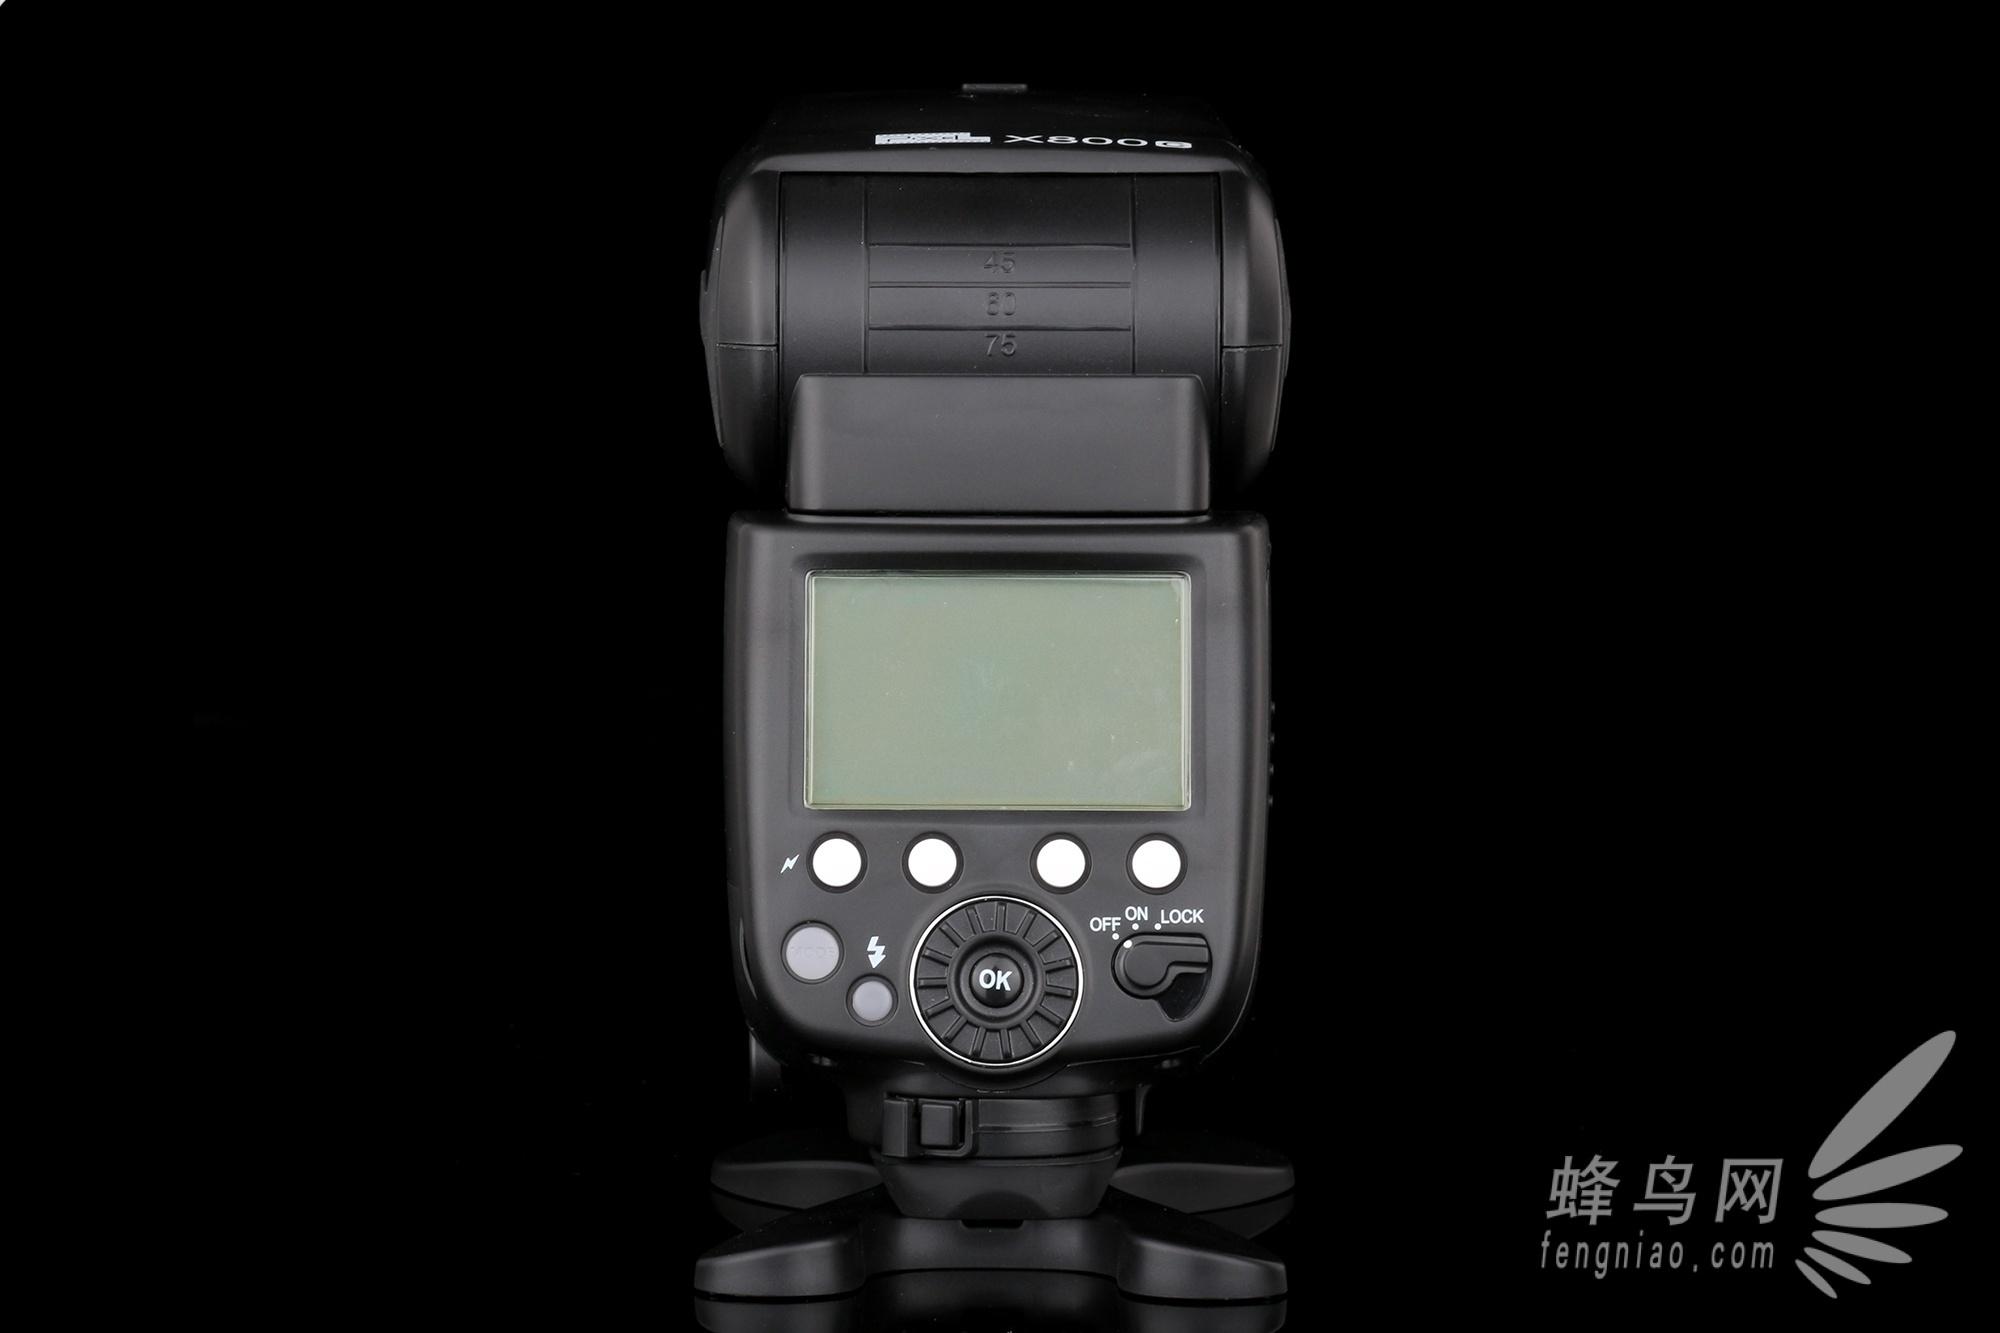 品色五月天_gn60无线ttl闪光 品色x800c闪灯详细评测